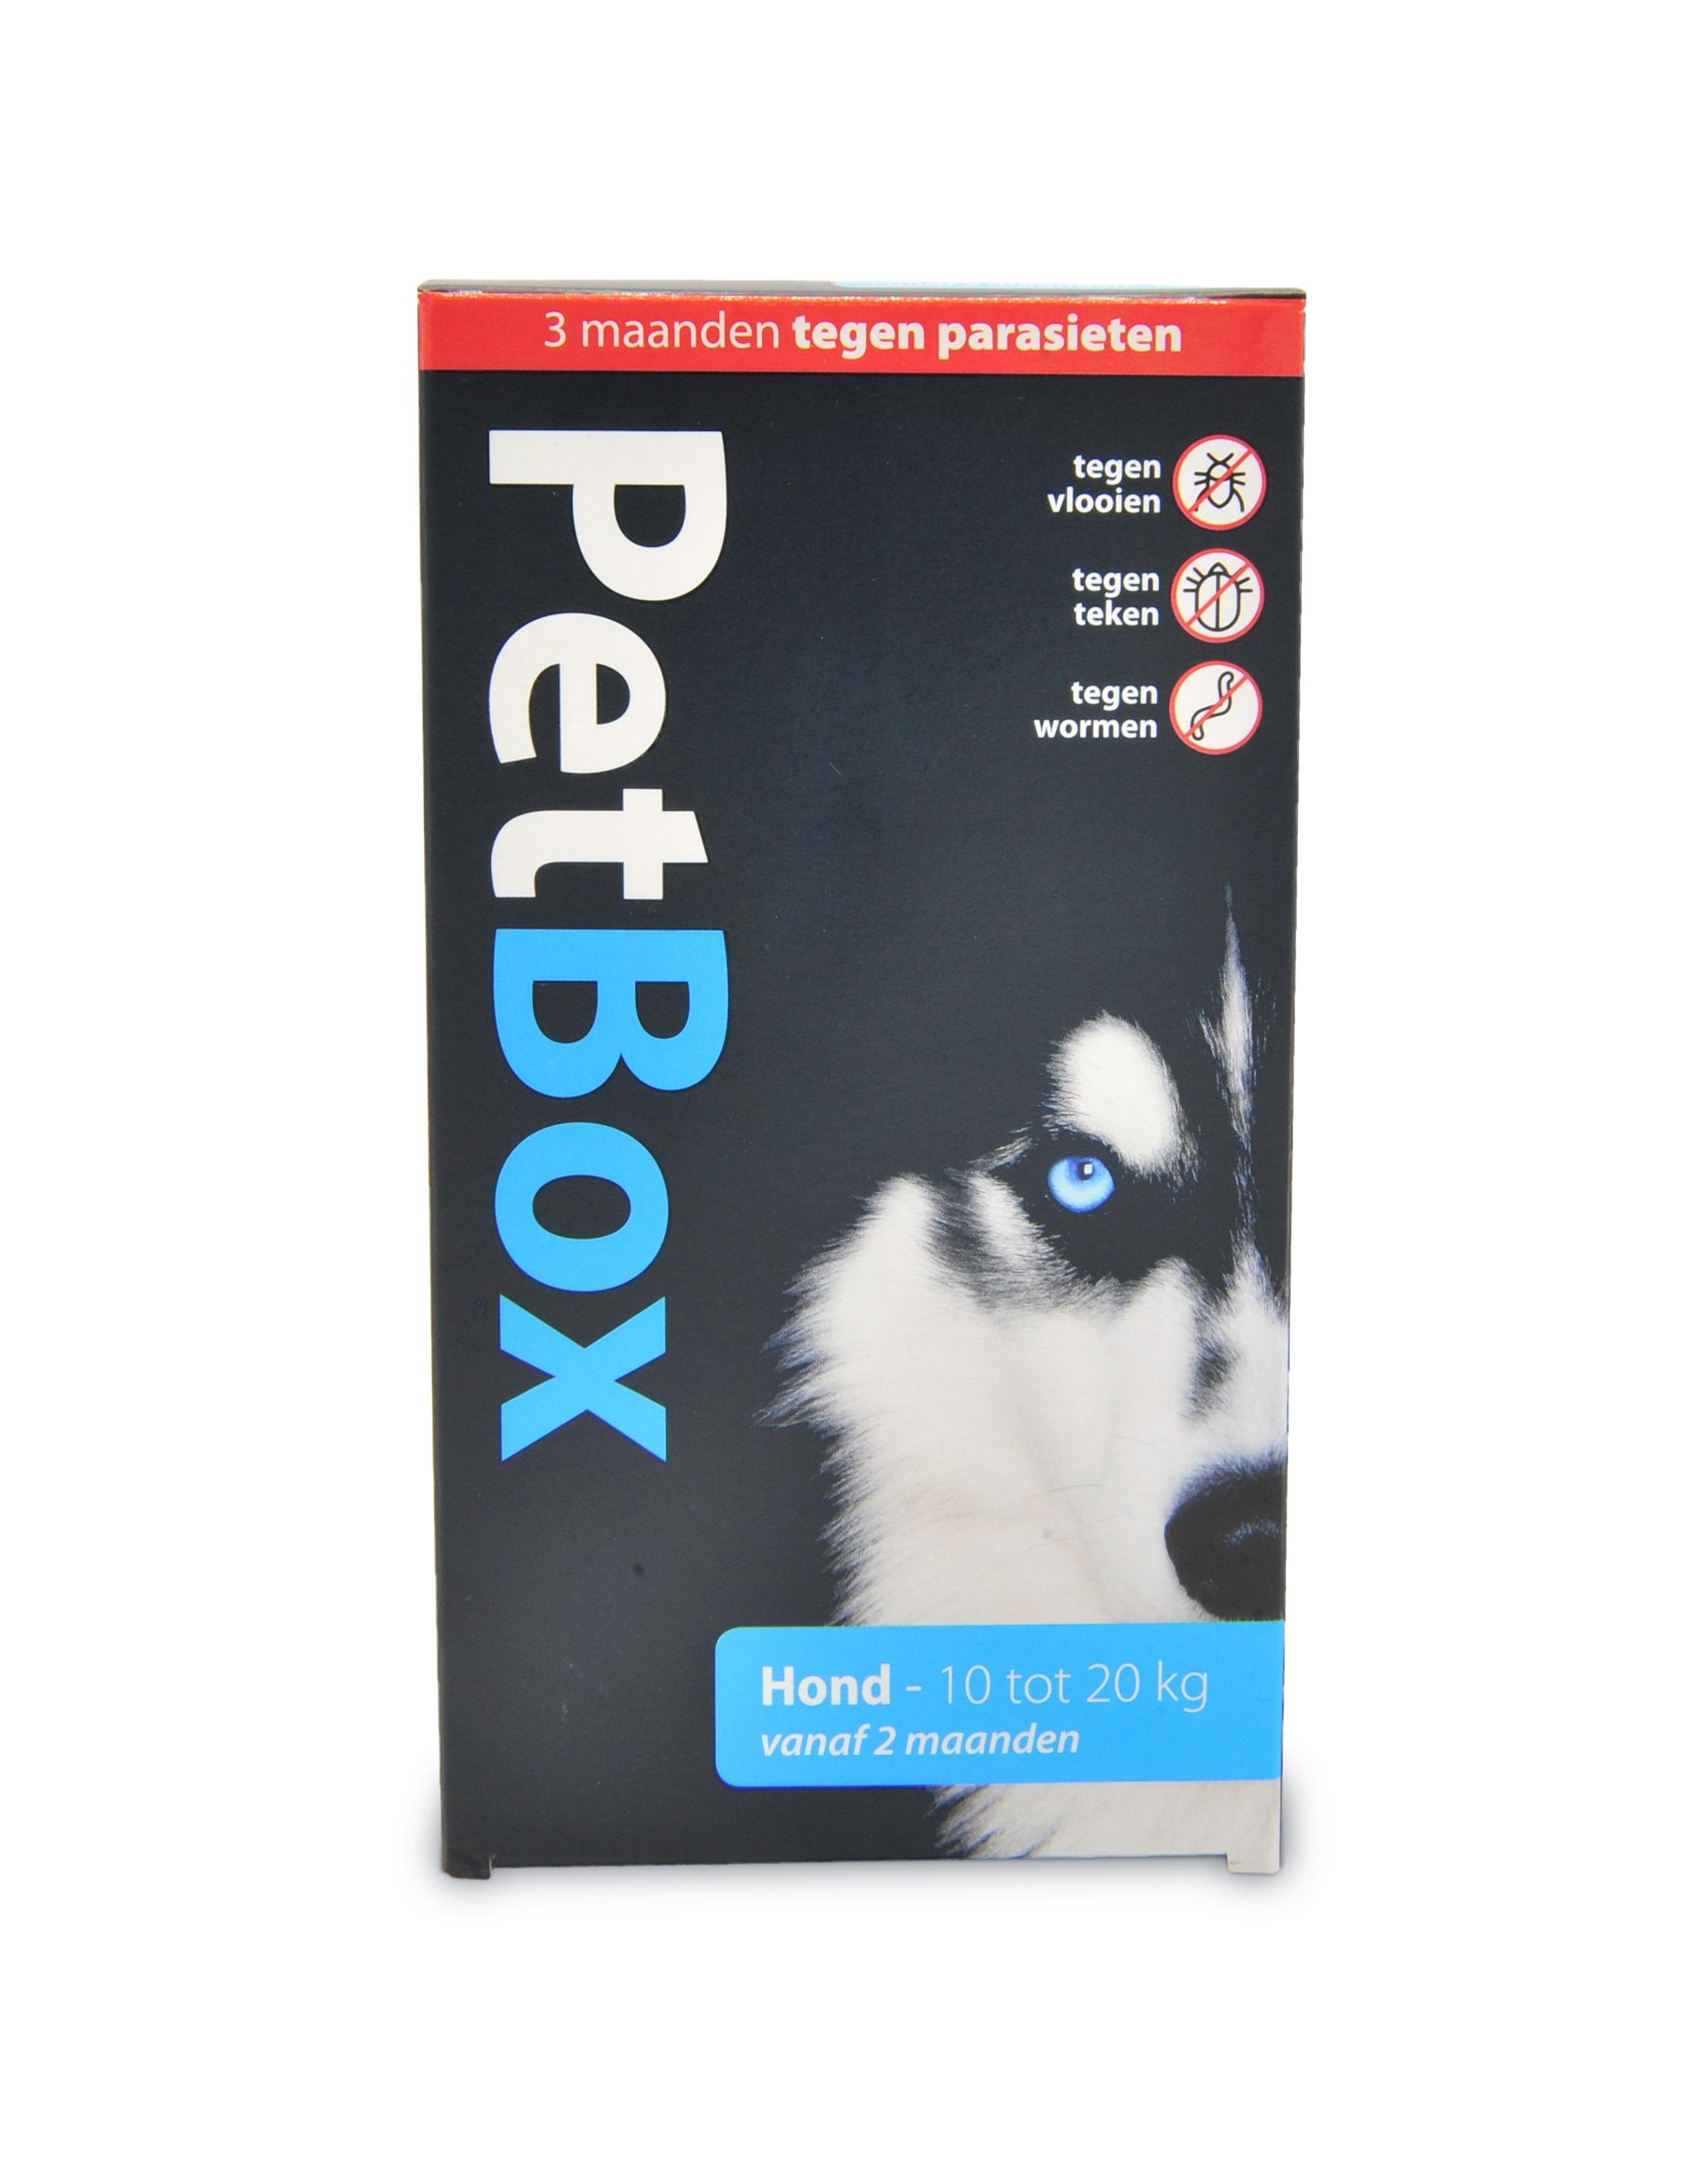 PETBOX HOND 10 20KG N 00001